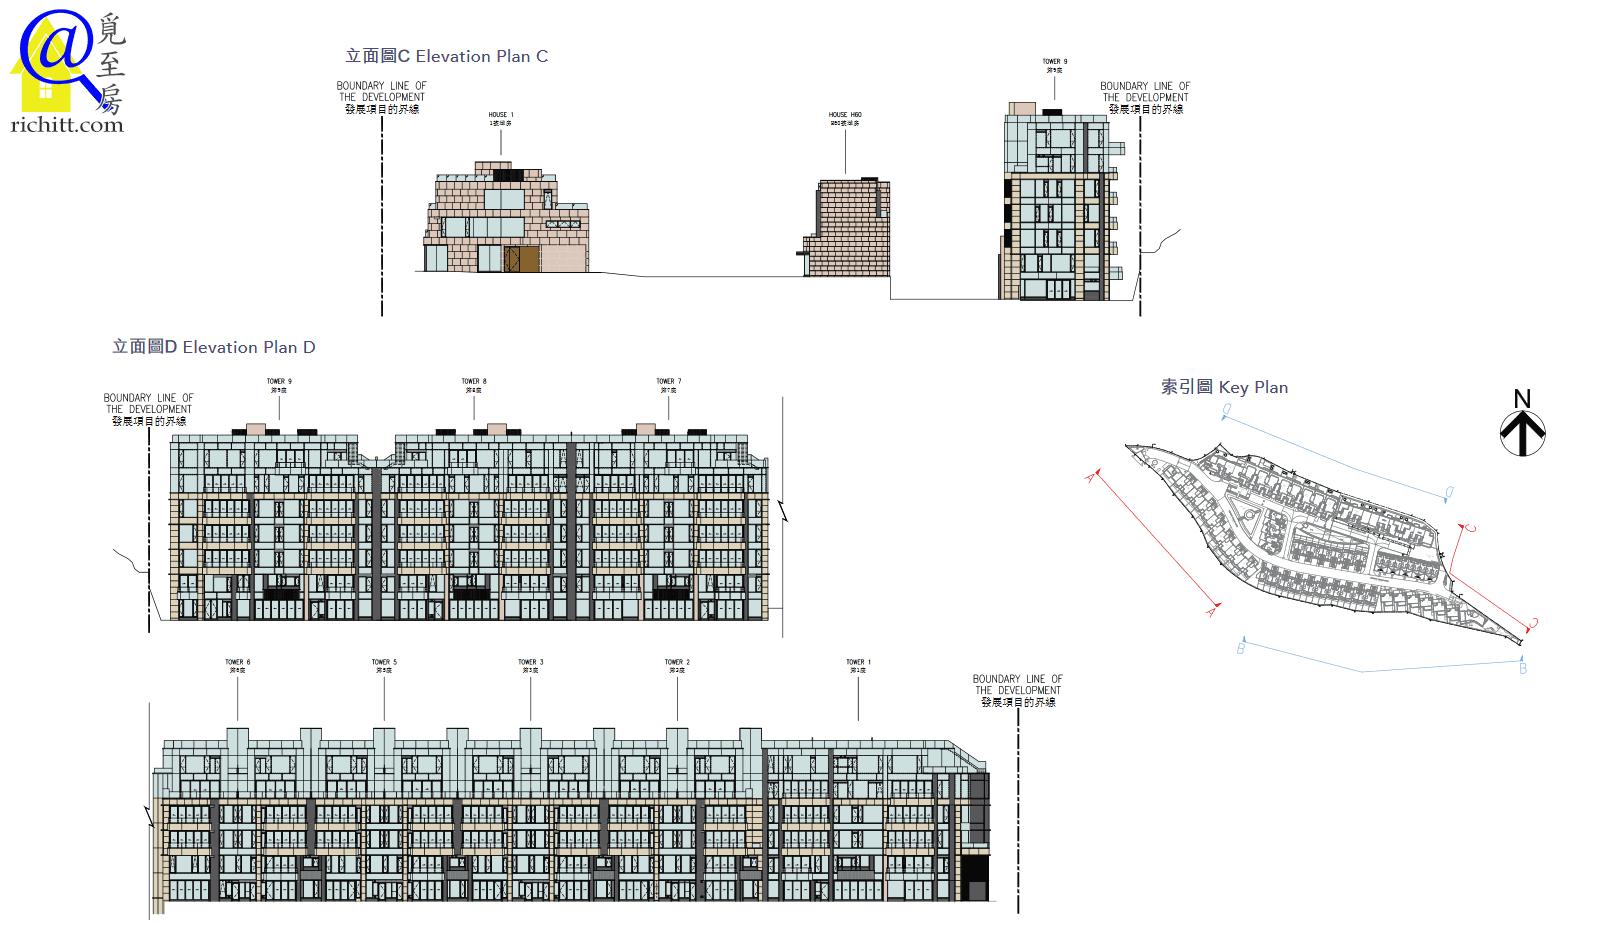 澐灃立面圖2